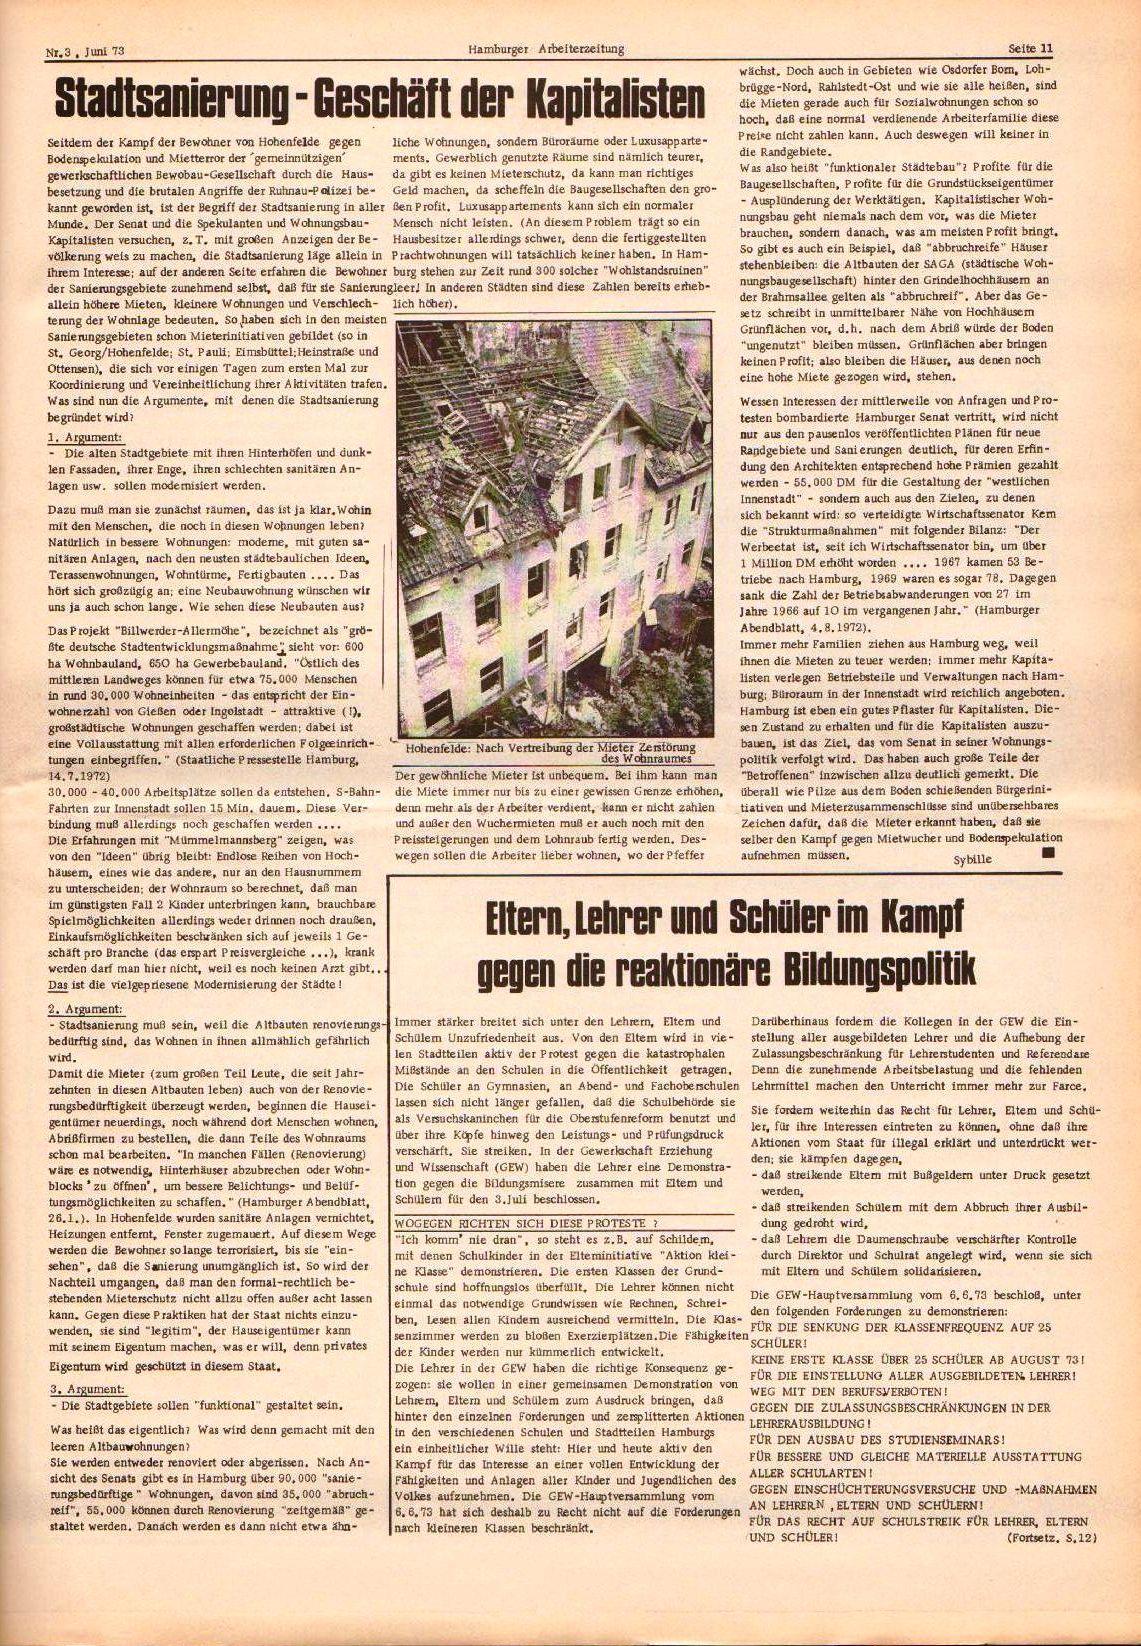 Hamburger_Arbeiterzeitung059